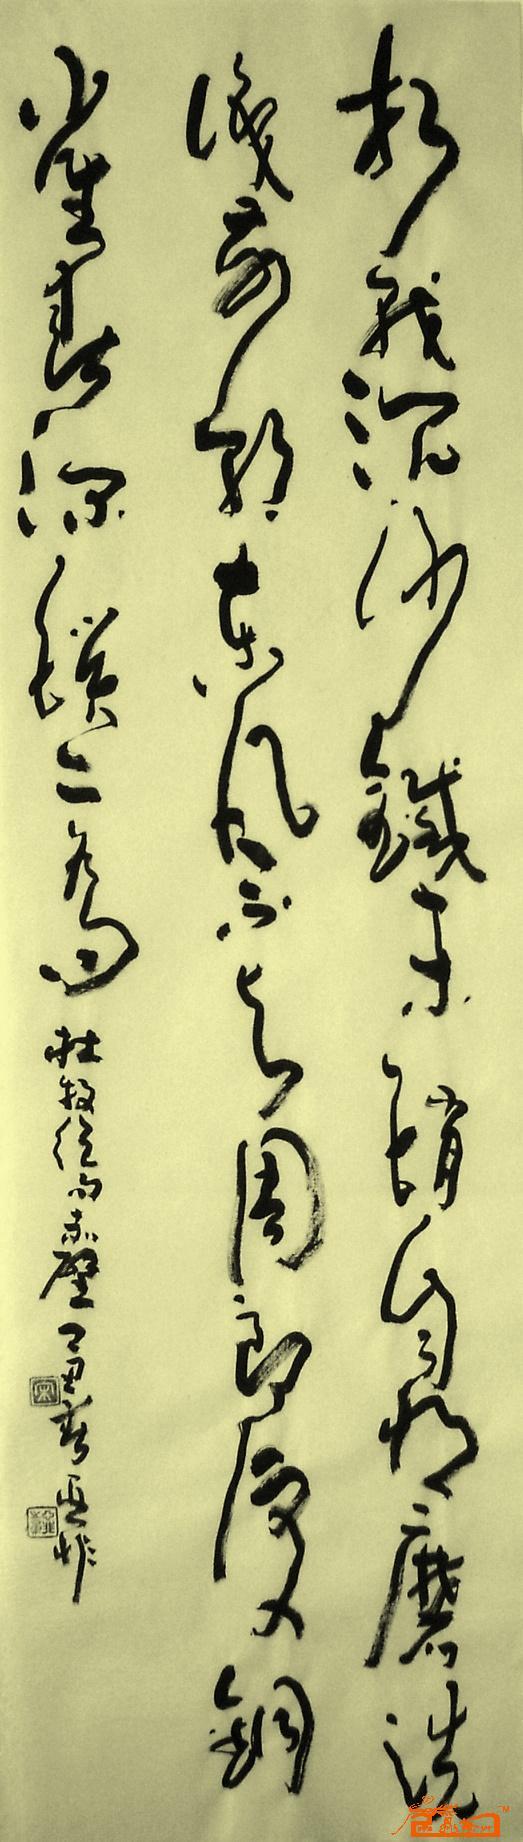 名家 宋亚非 书法 - 作品422-杜牧诗赤壁